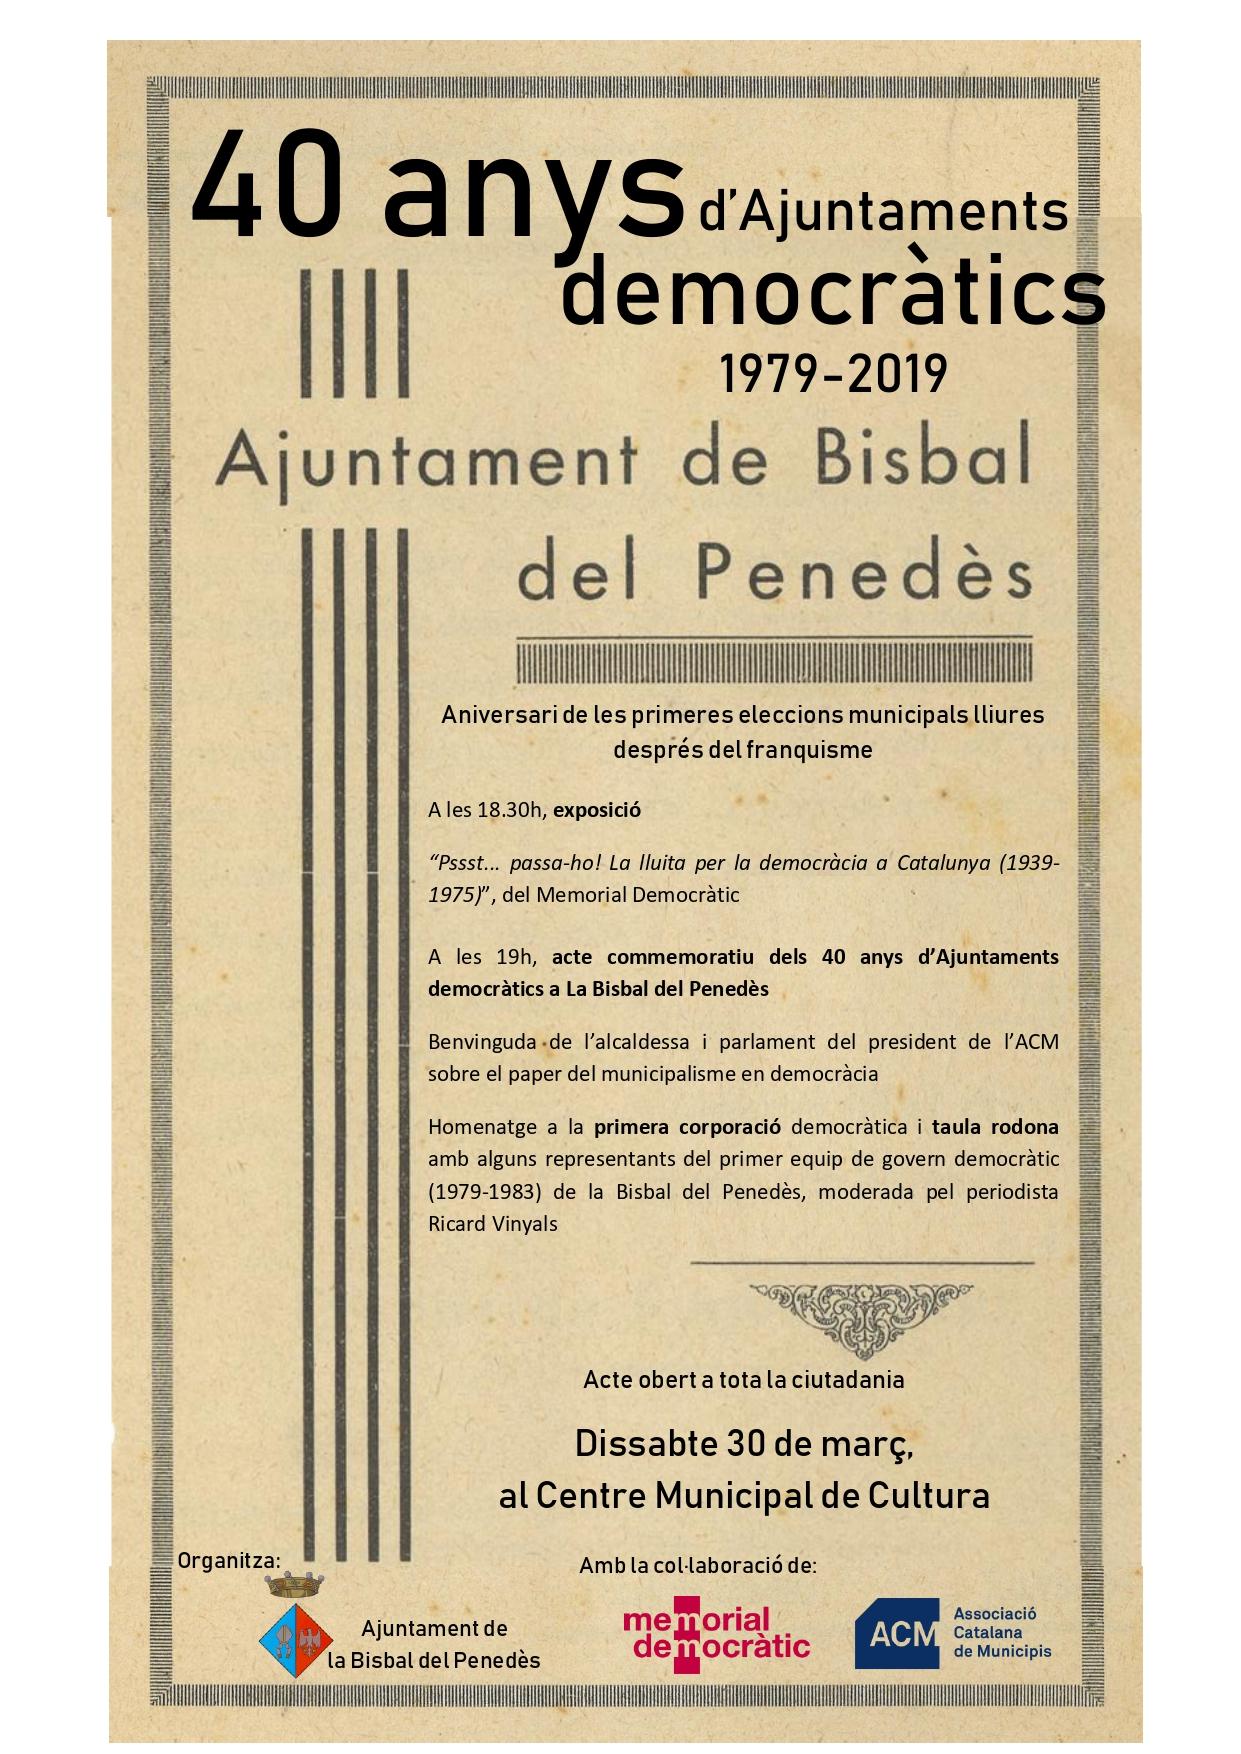 Dissabte tindran lloc dues activitats en el marc del 40è aniversari dels ajuntaments democràtics